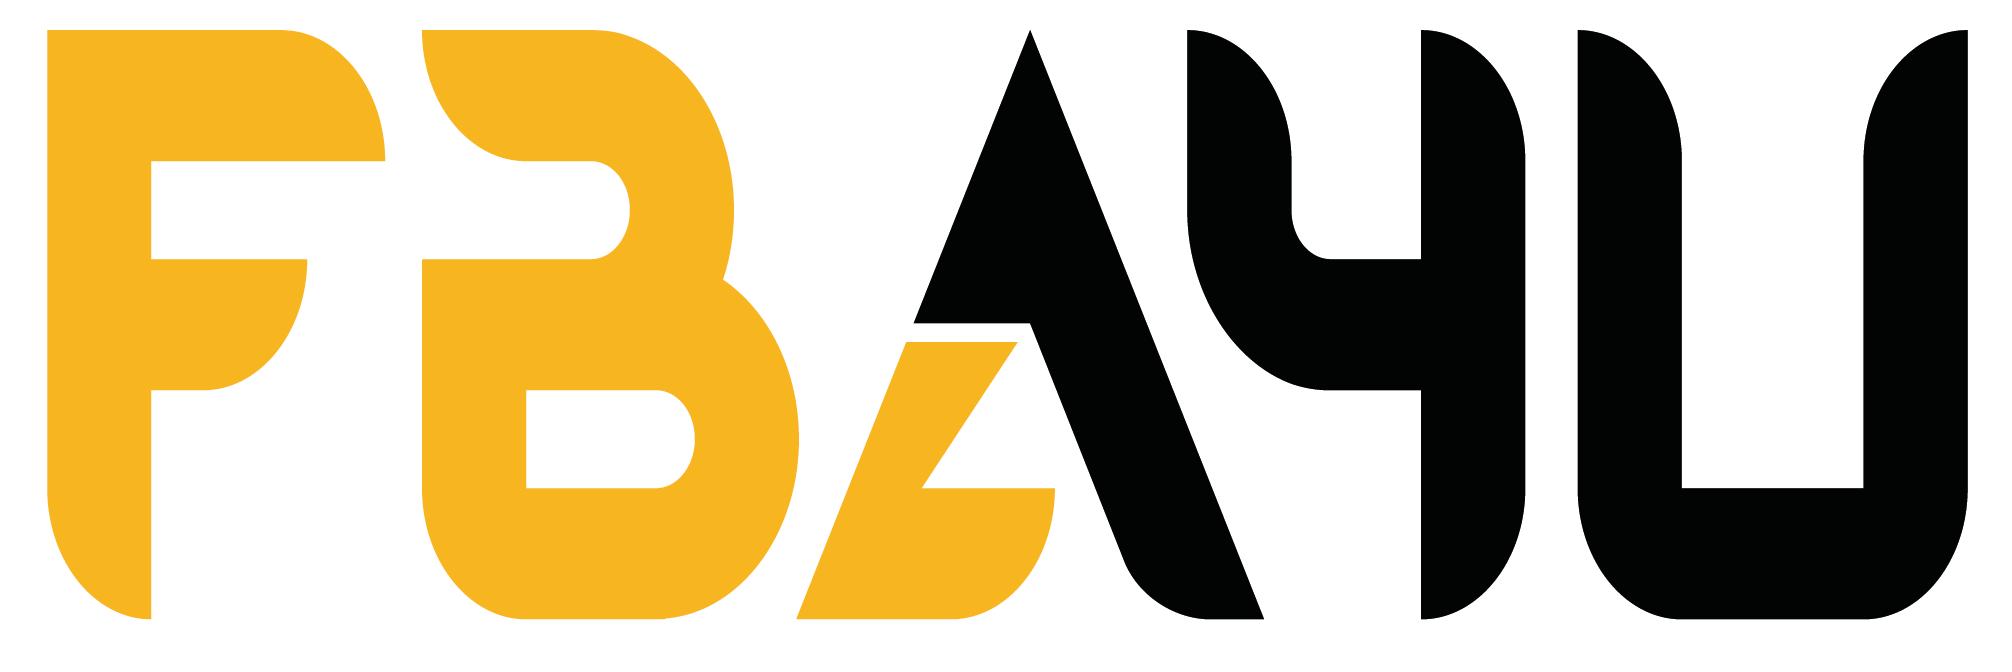 Amazon FBA4U